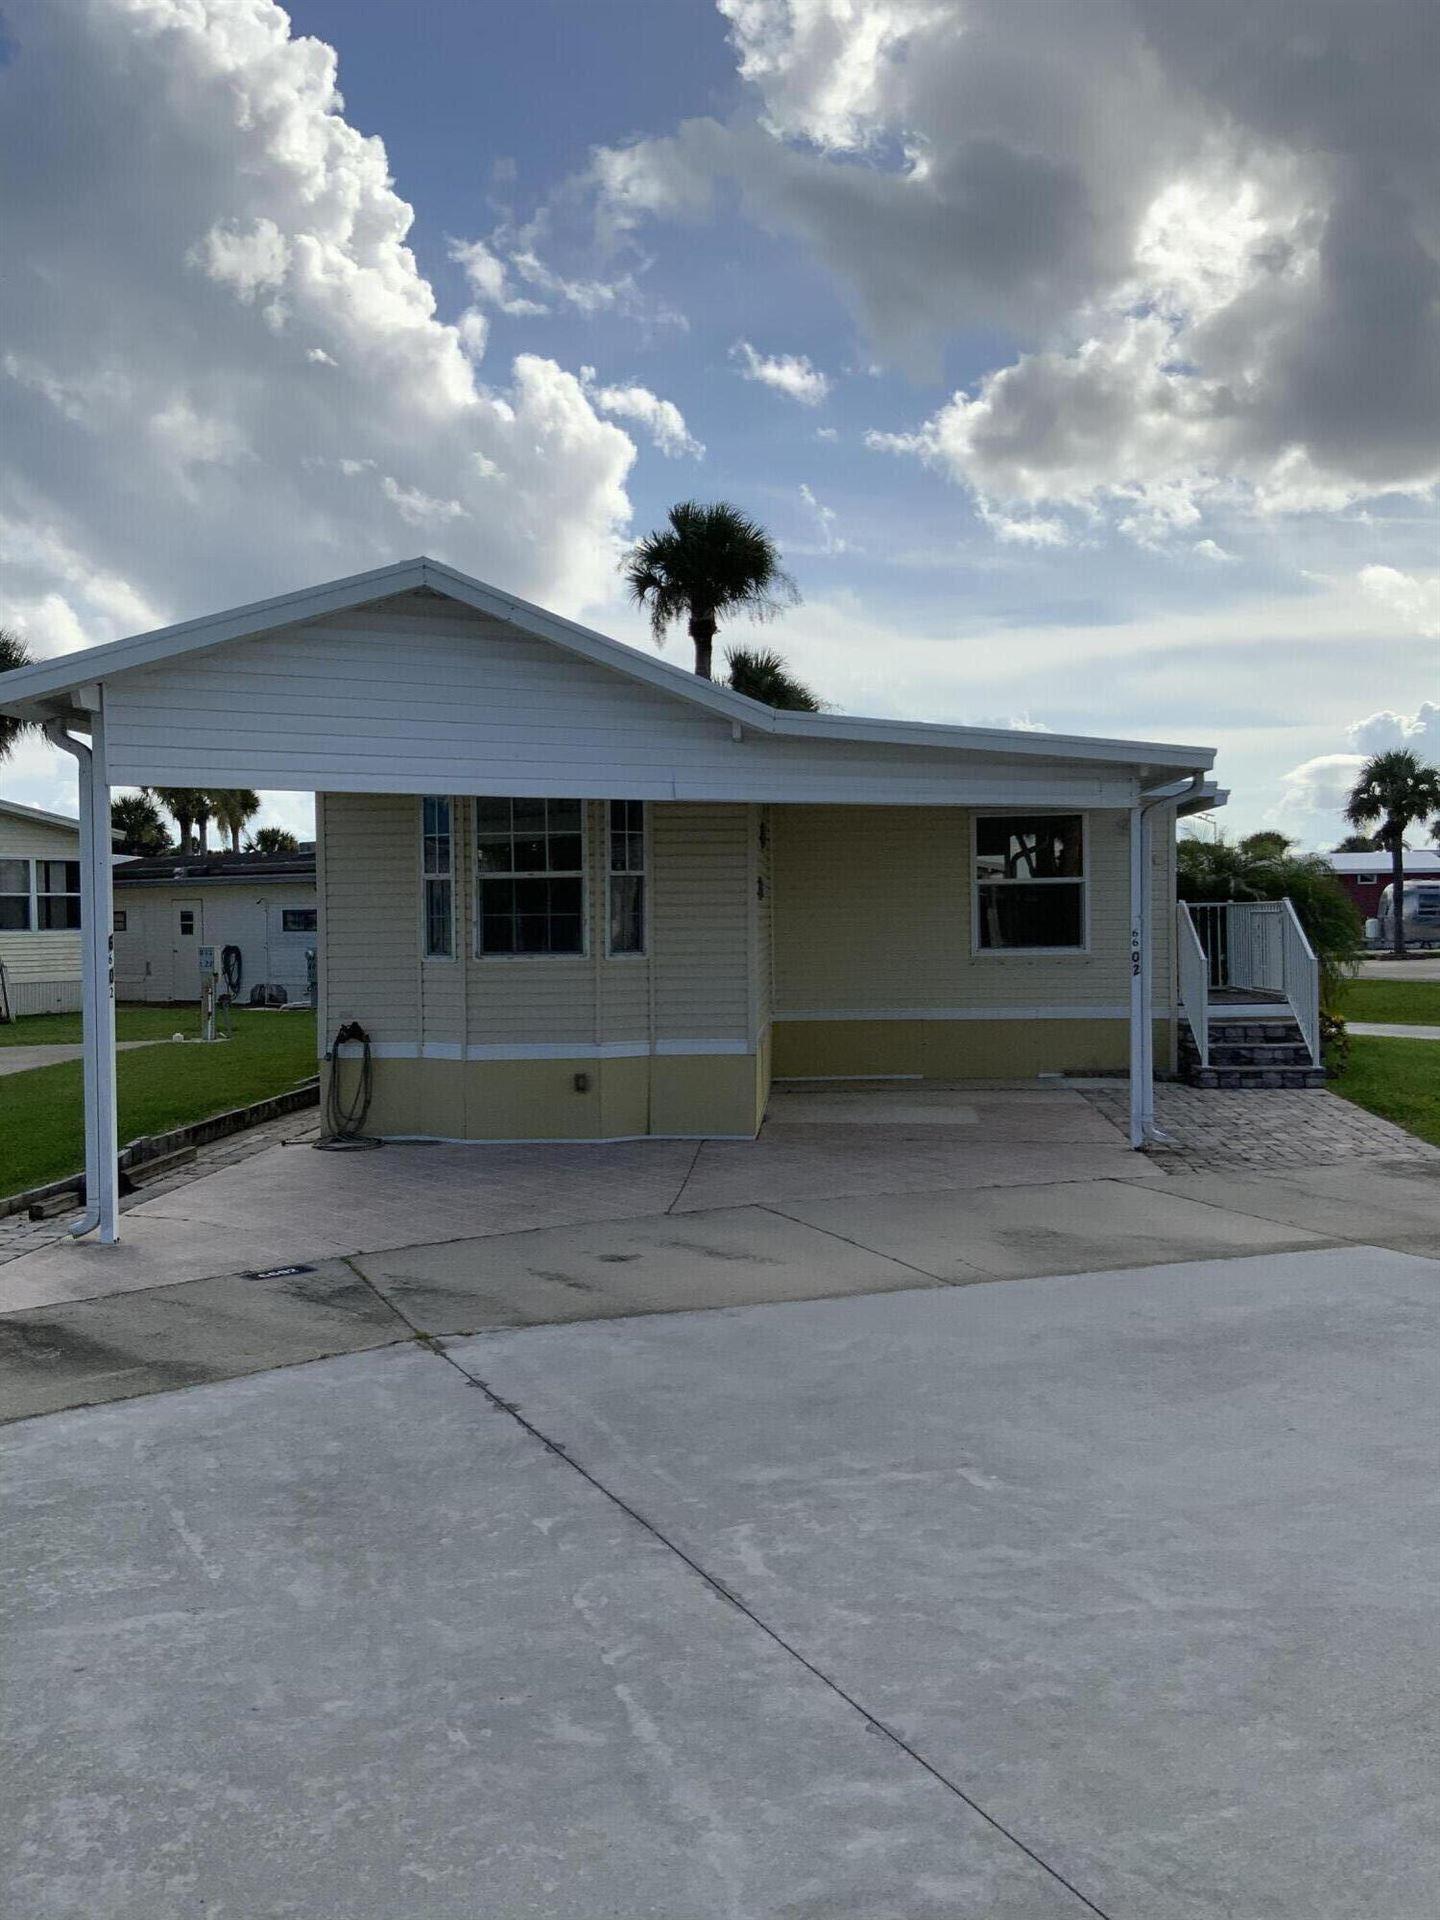 6602 SE 53rd Lane, Okeechobee, FL 34974 - MLS#: RX-10741732